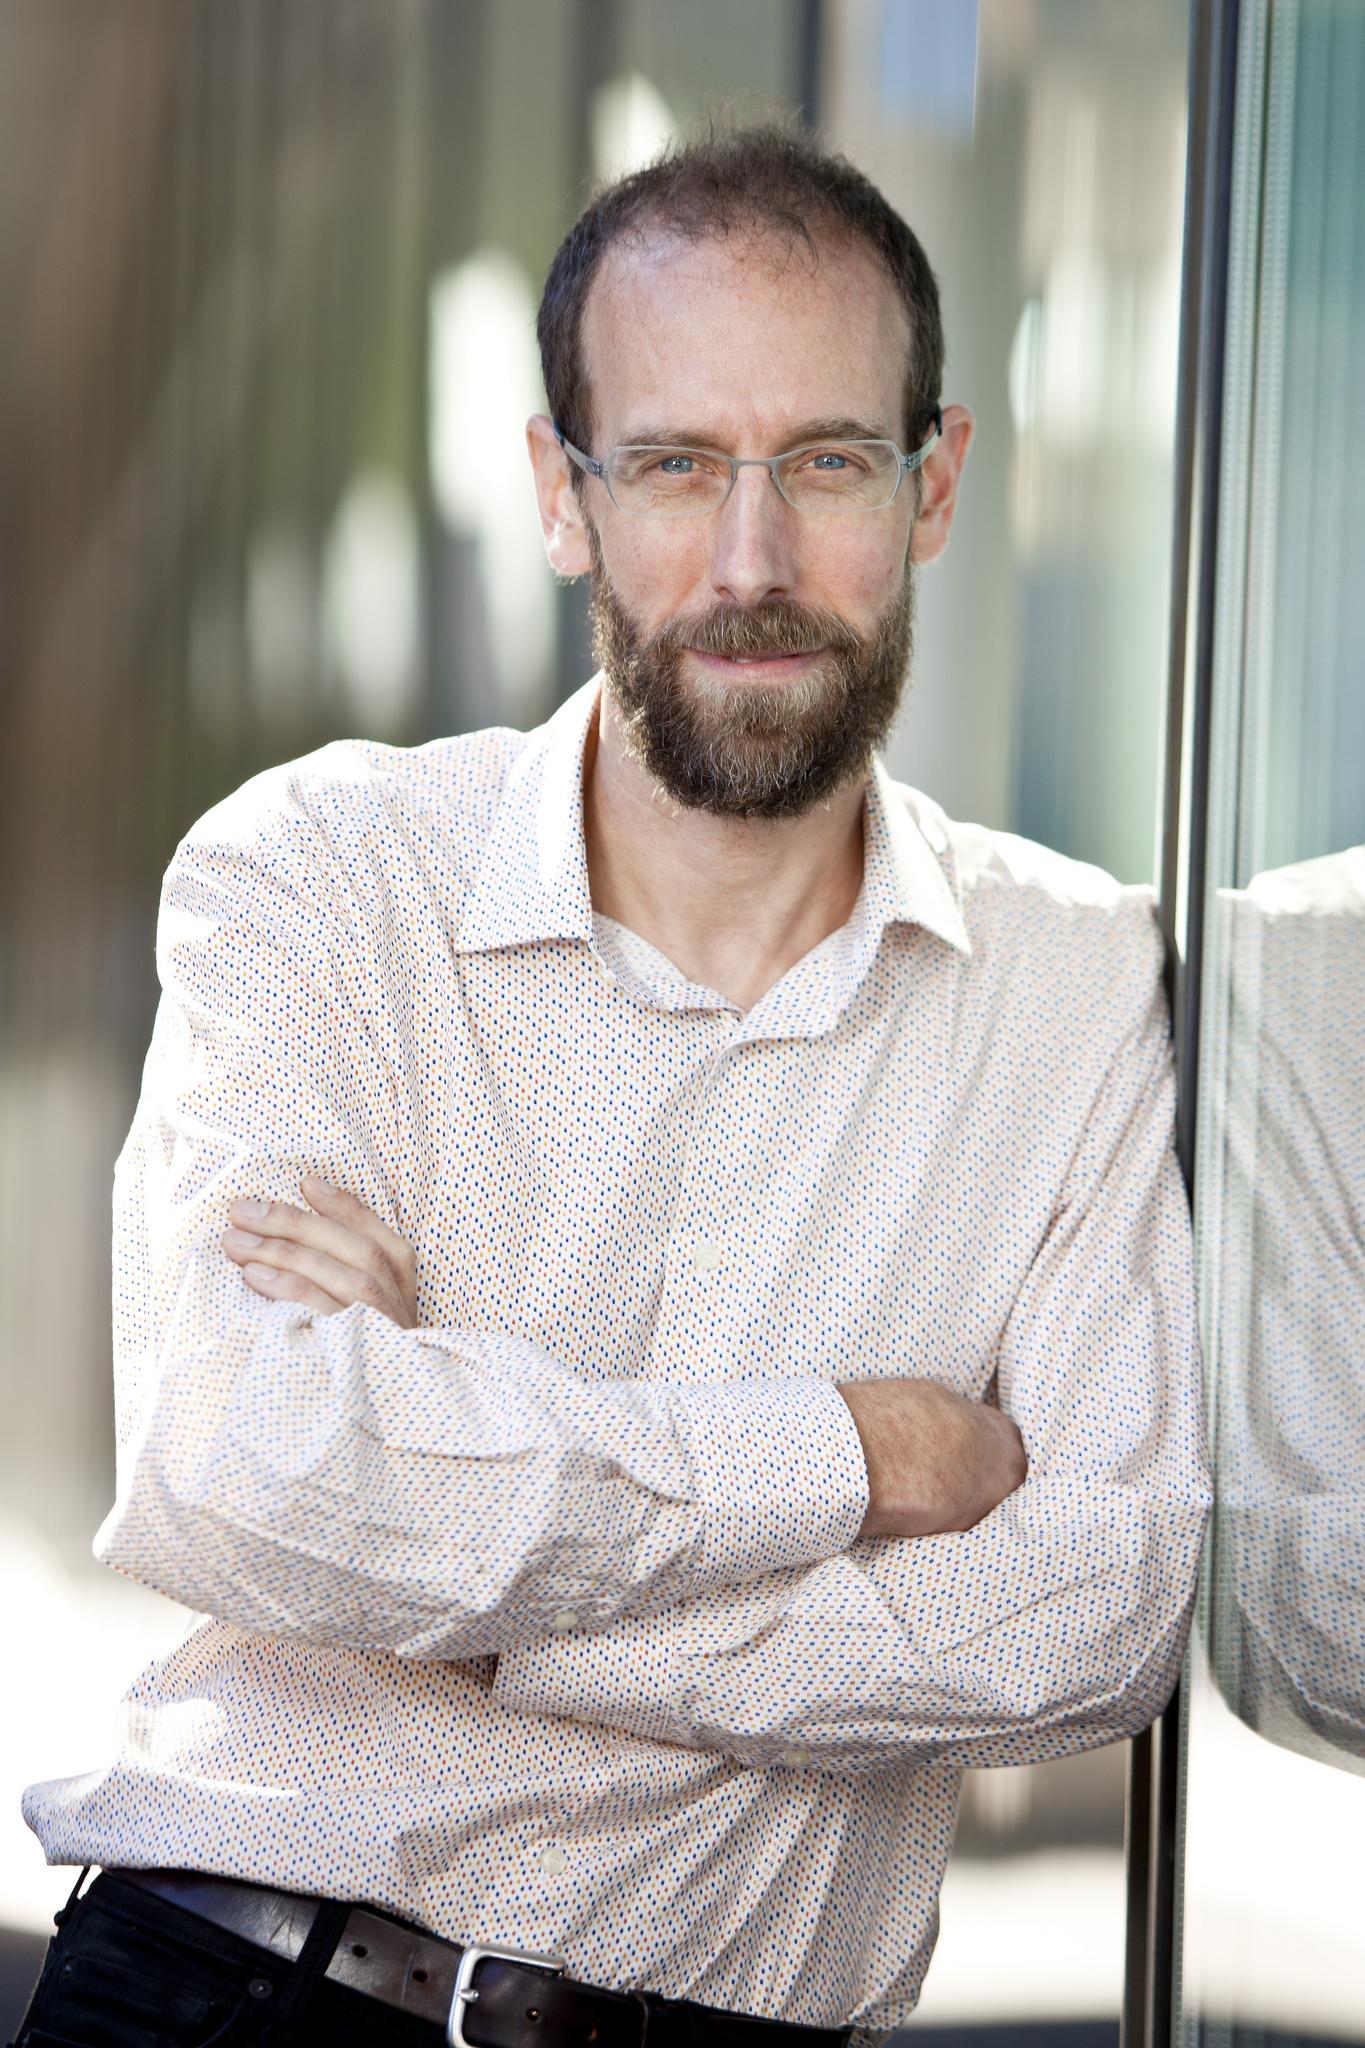 温暖化対策の切り札なるか ハーバード大教授が語る 「成層圏注入」実験の意義